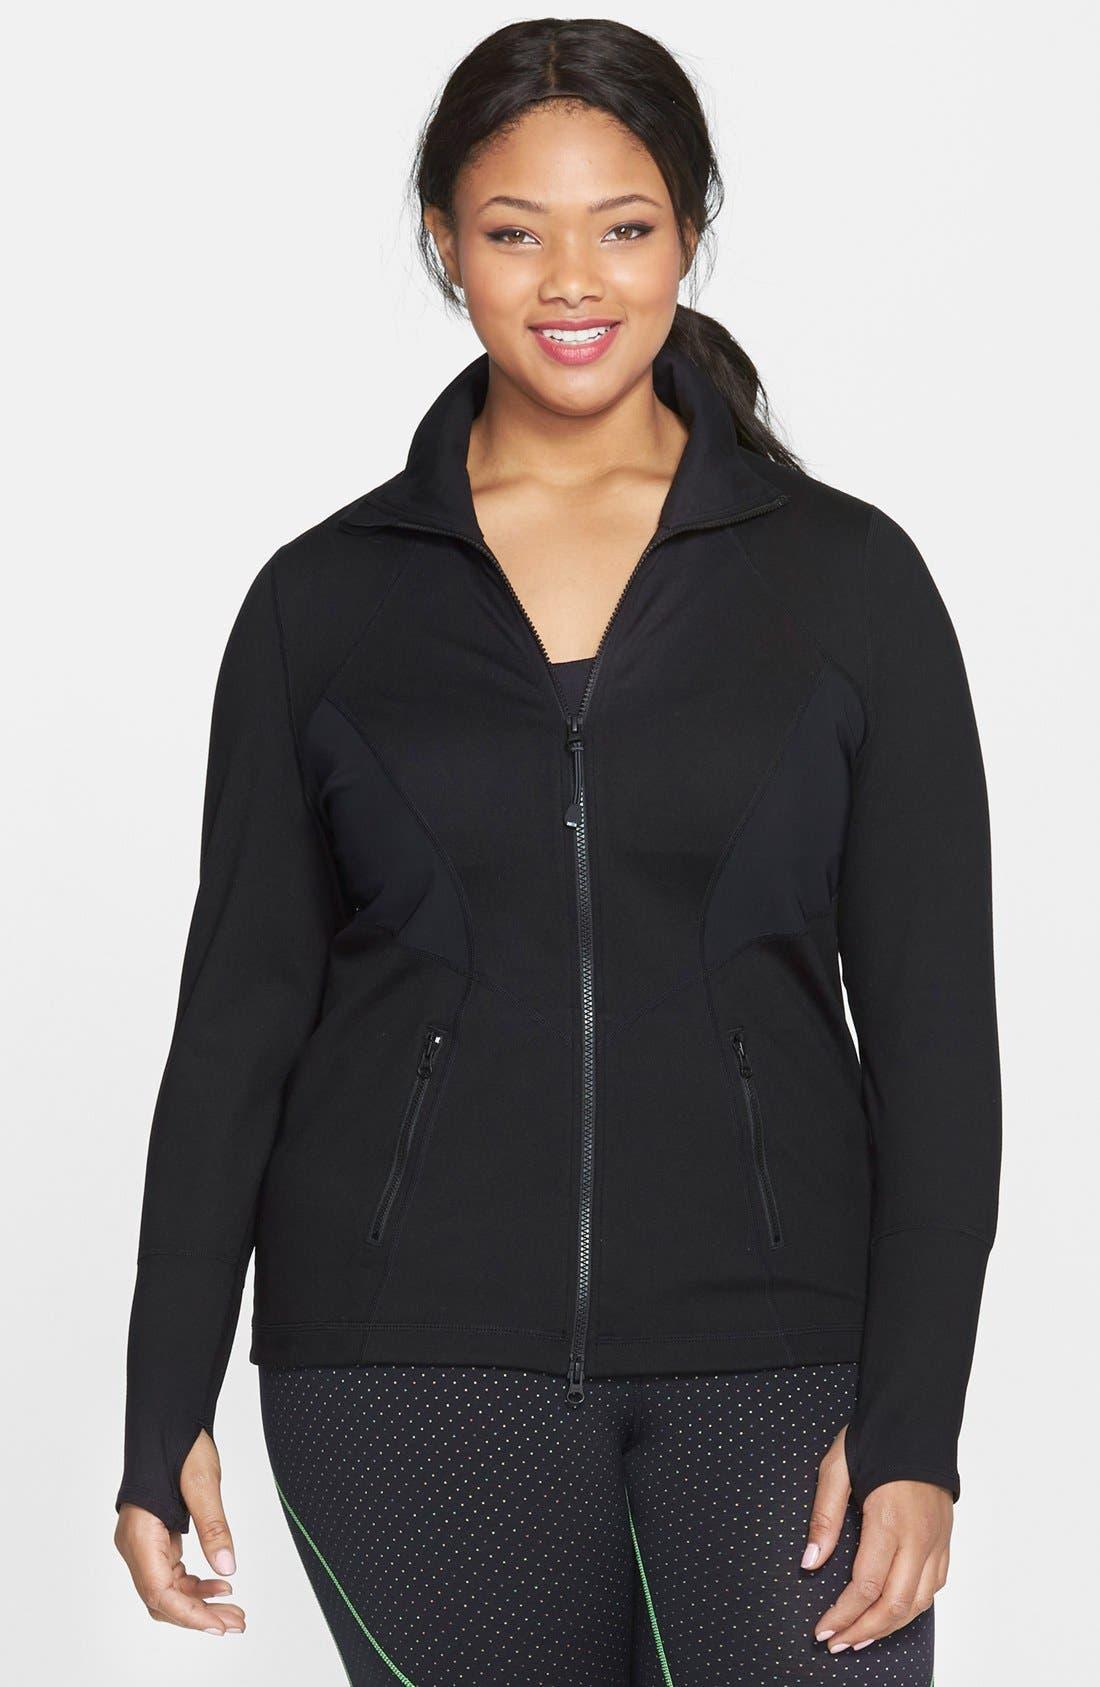 Alternate Image 1 Selected - Zella 'Stamina' Jacket (Plus Size)